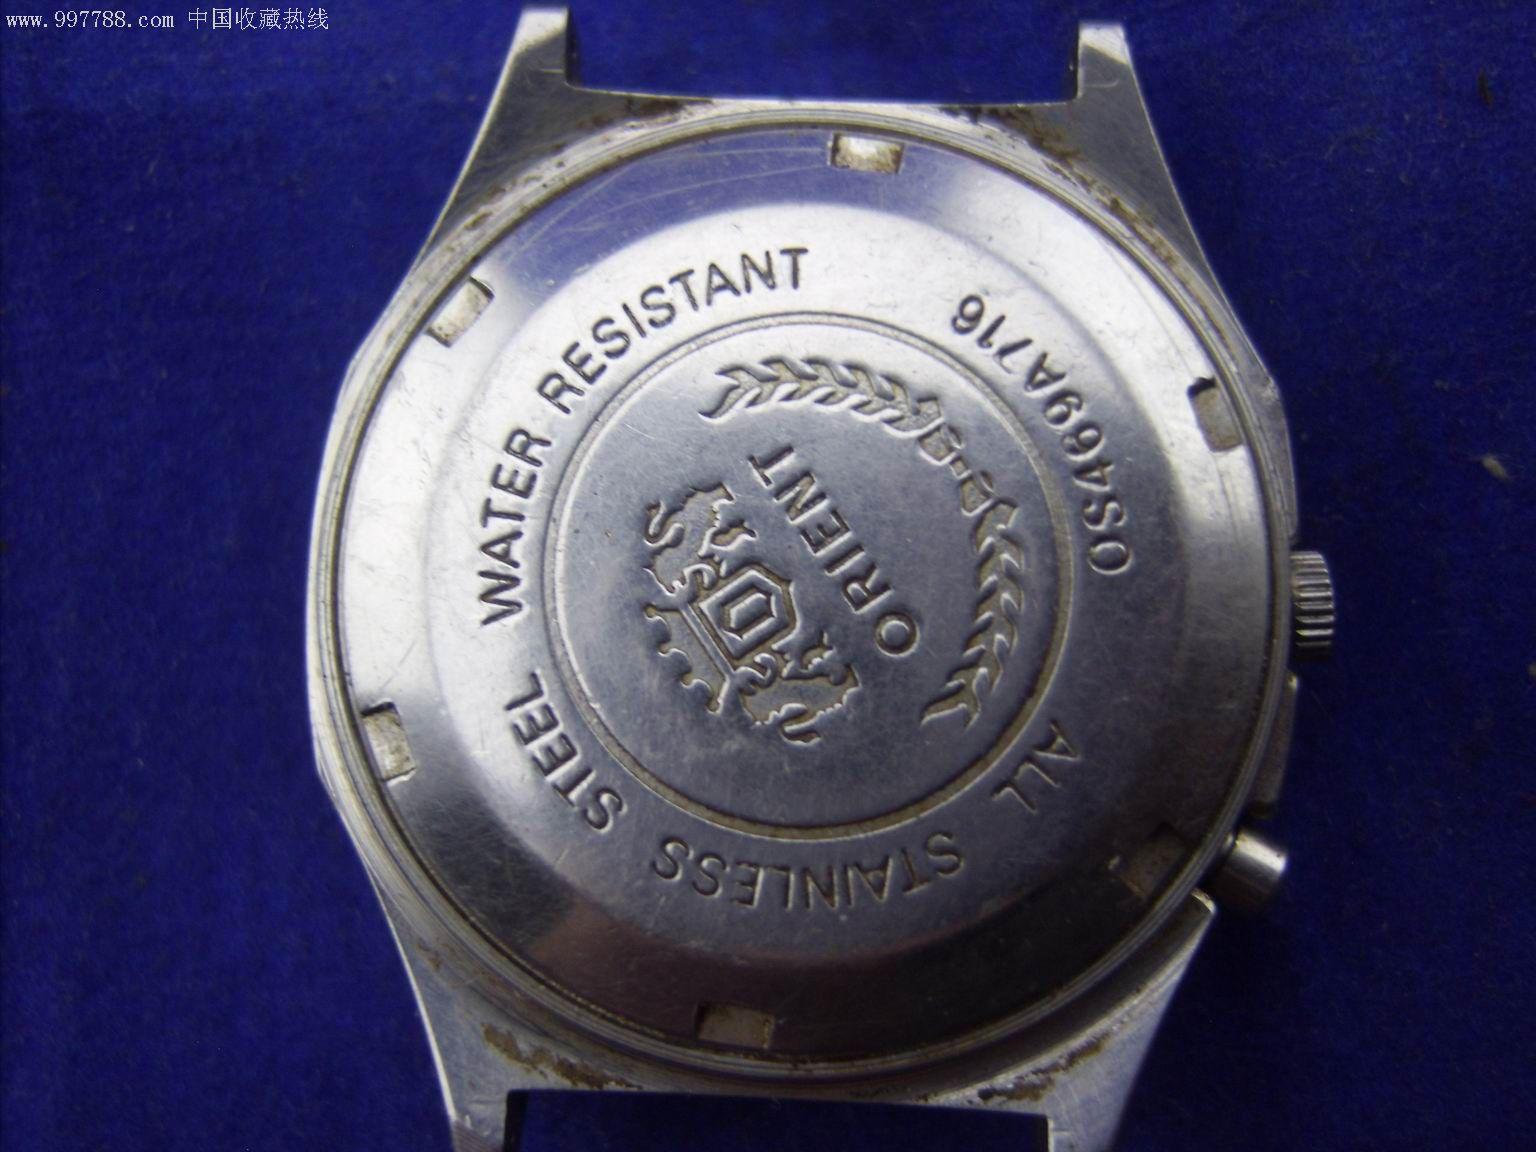 双狮手表一块图片